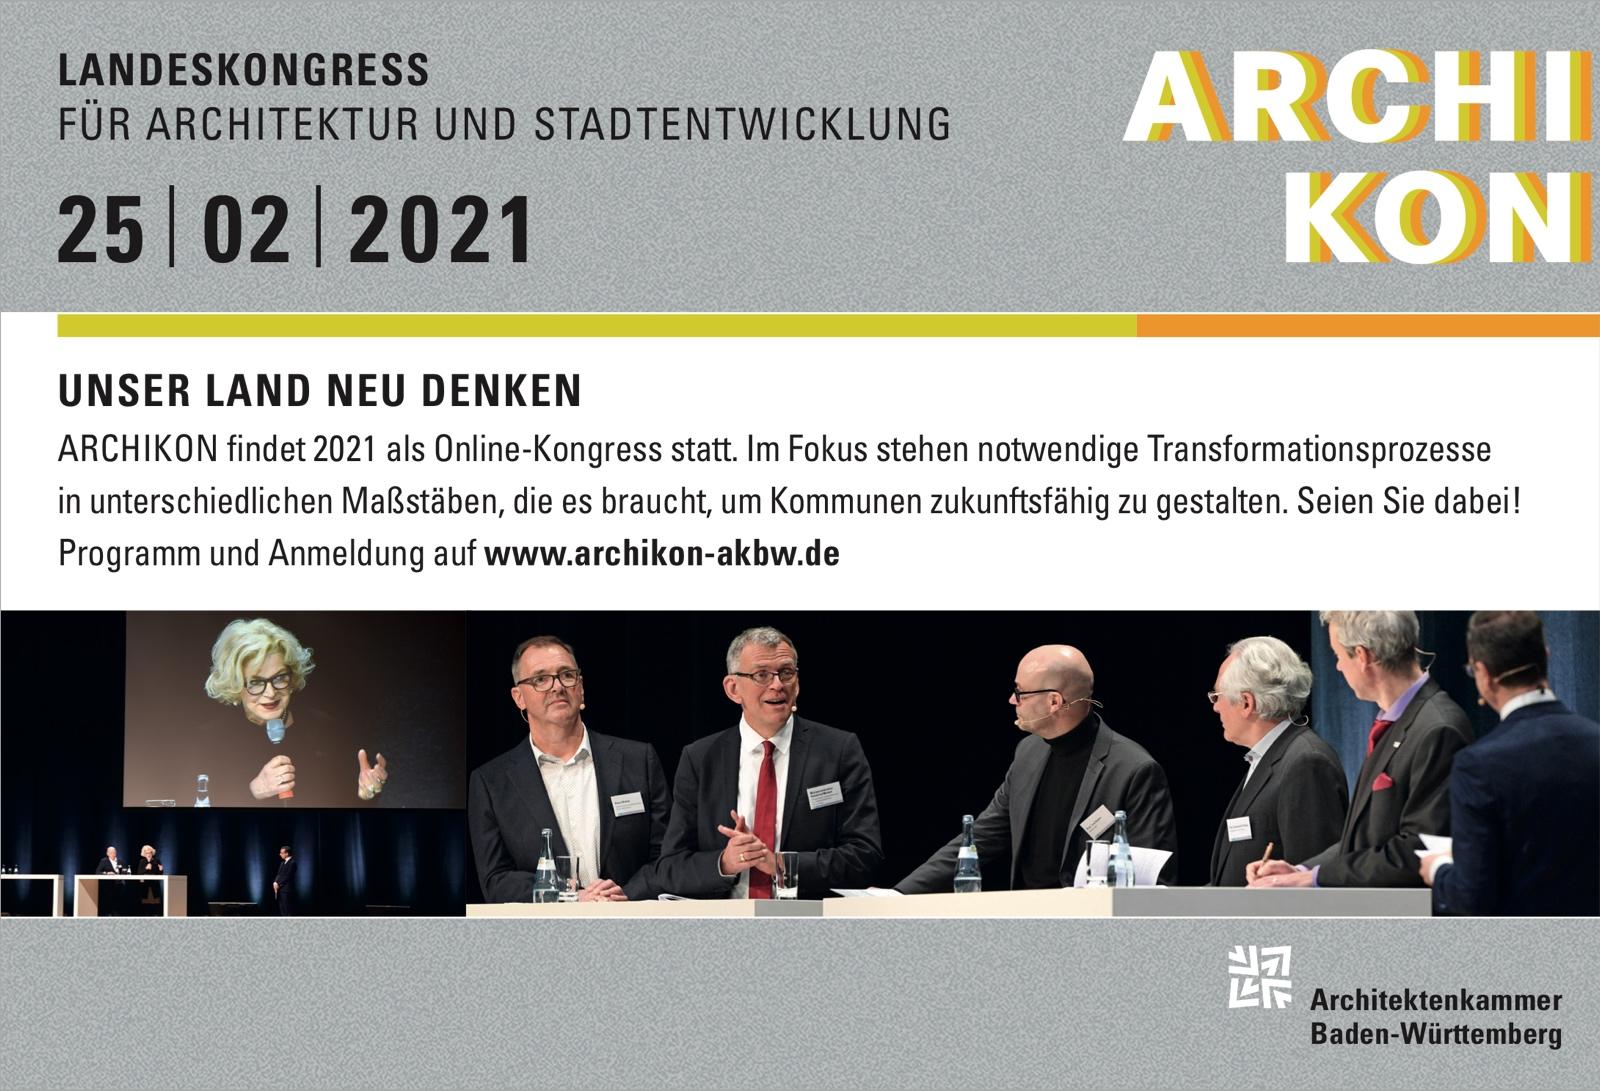 ARCHIKON - Landeskongress für Architektur und Stadtentwicklung am 25.02.2021 | Online-Kongress (Grafik: AKBW)